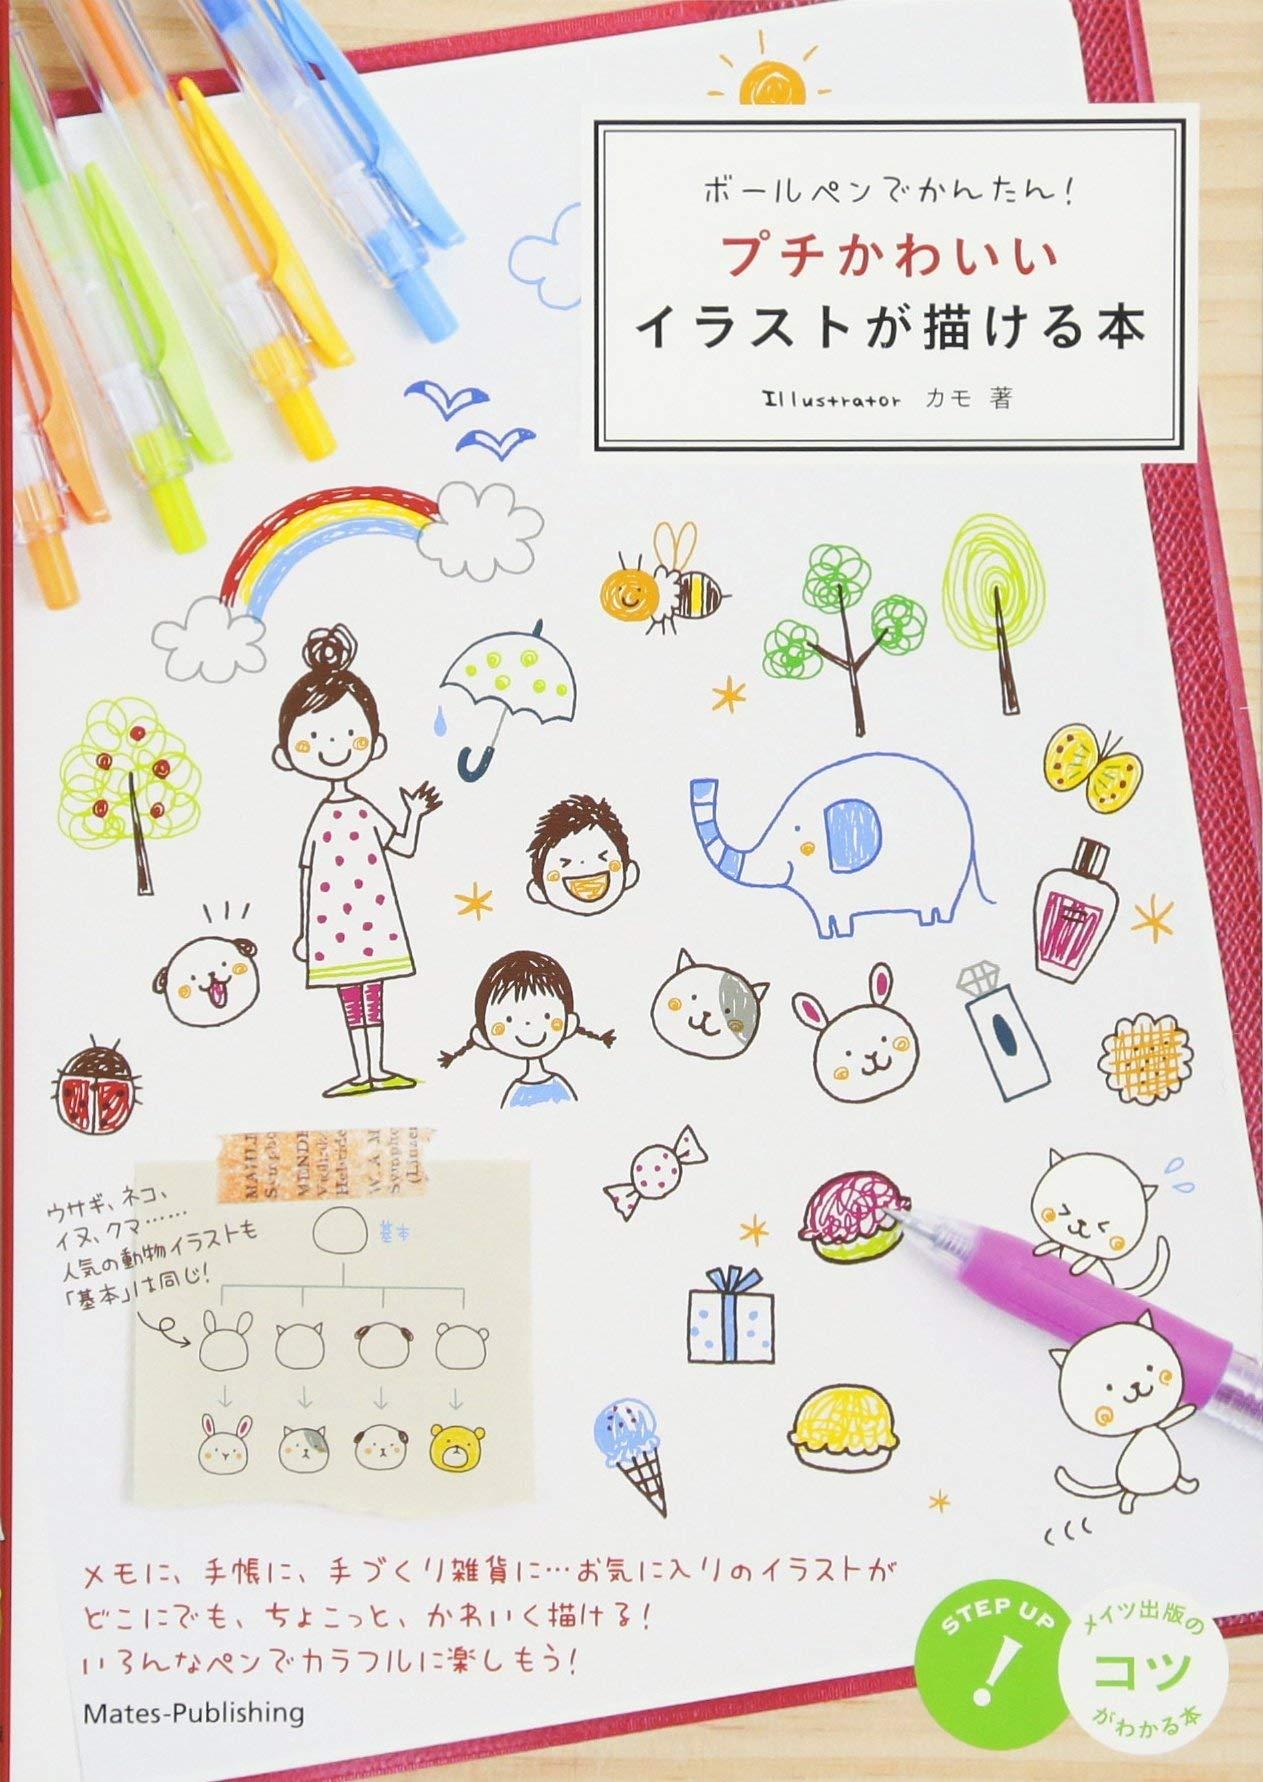 ボールペンでかんたん プチかわいいイラストが描ける本 コツがわかる本 カモ 本 通販 Amazon